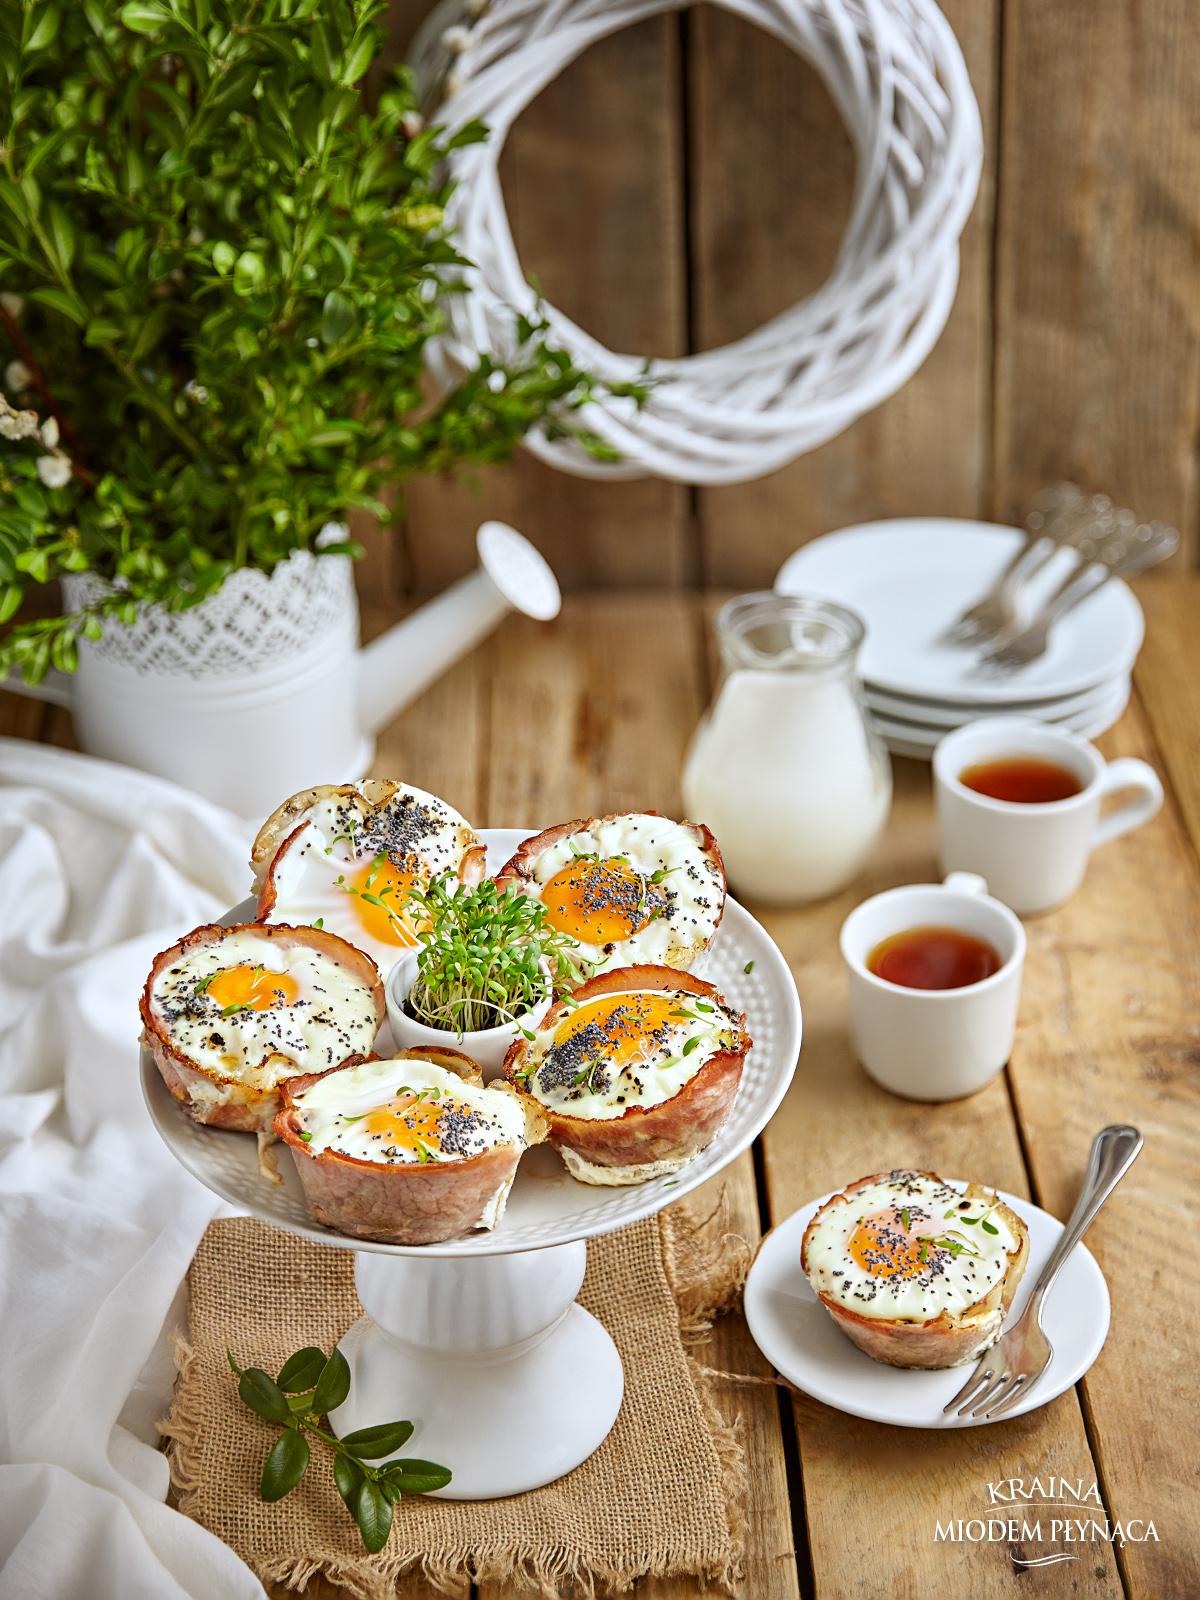 babeczki z szynki, babeczki z szynką, babeczki z jajkiem, babeczki z pieczarkami, zapiekane jajka w szynce, zapiekane jajka w formie na muffiny, jajka w szynce, pomysł na jajka, kraina miodem płynąca